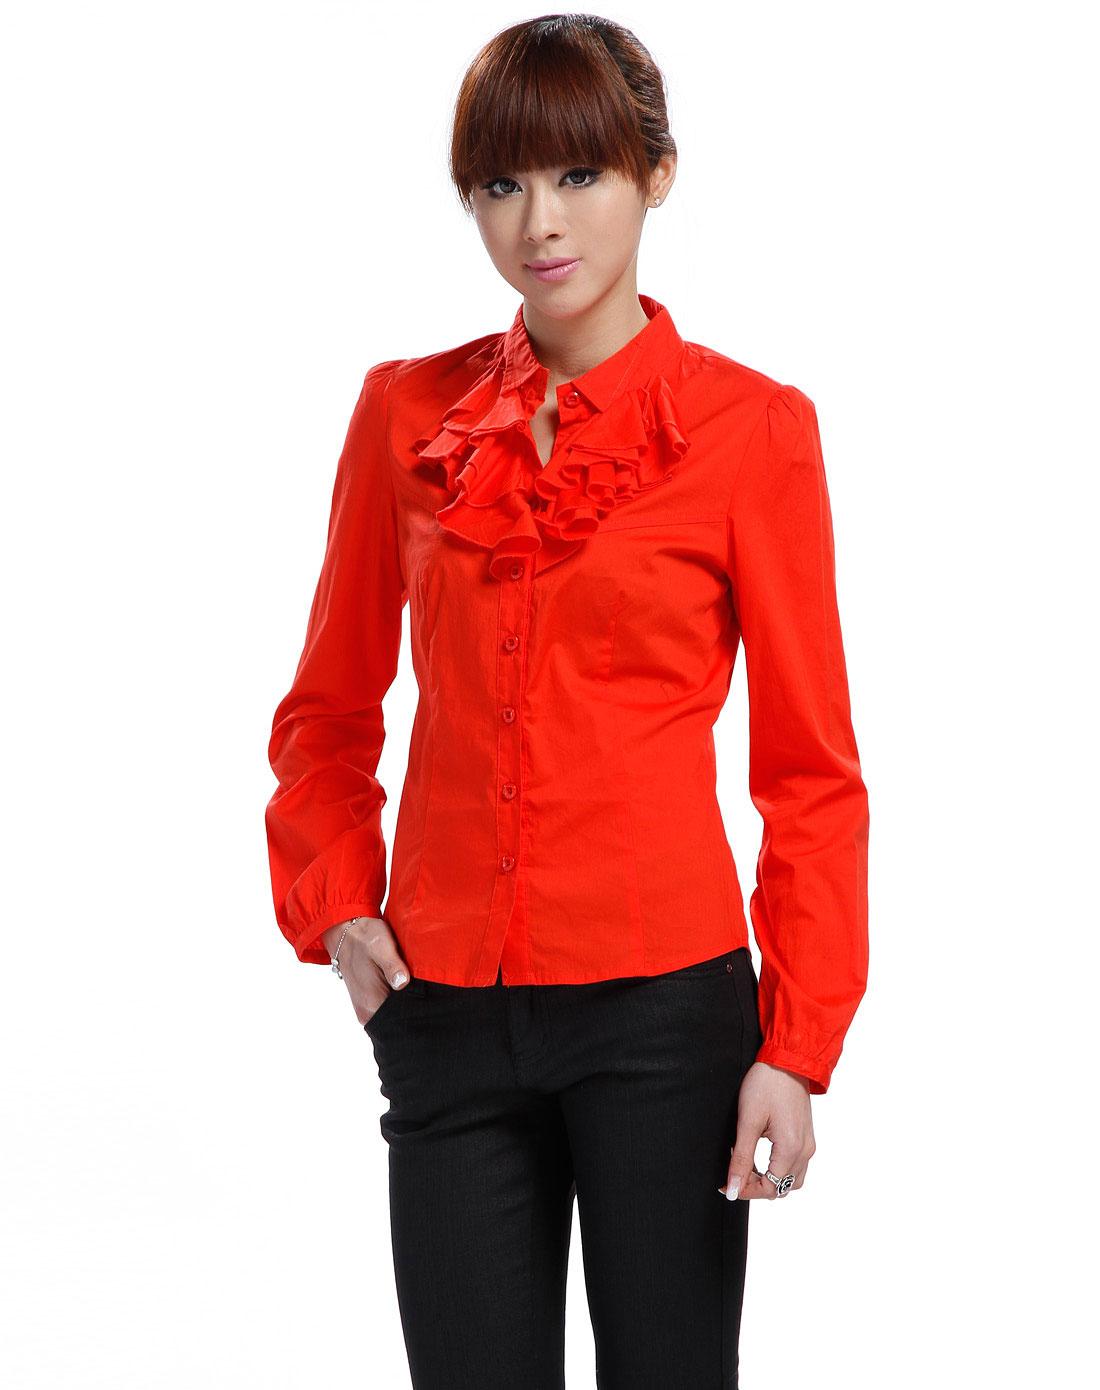 品牌-9----夜场威丝曼红色花边领长袖衬衫ta230004